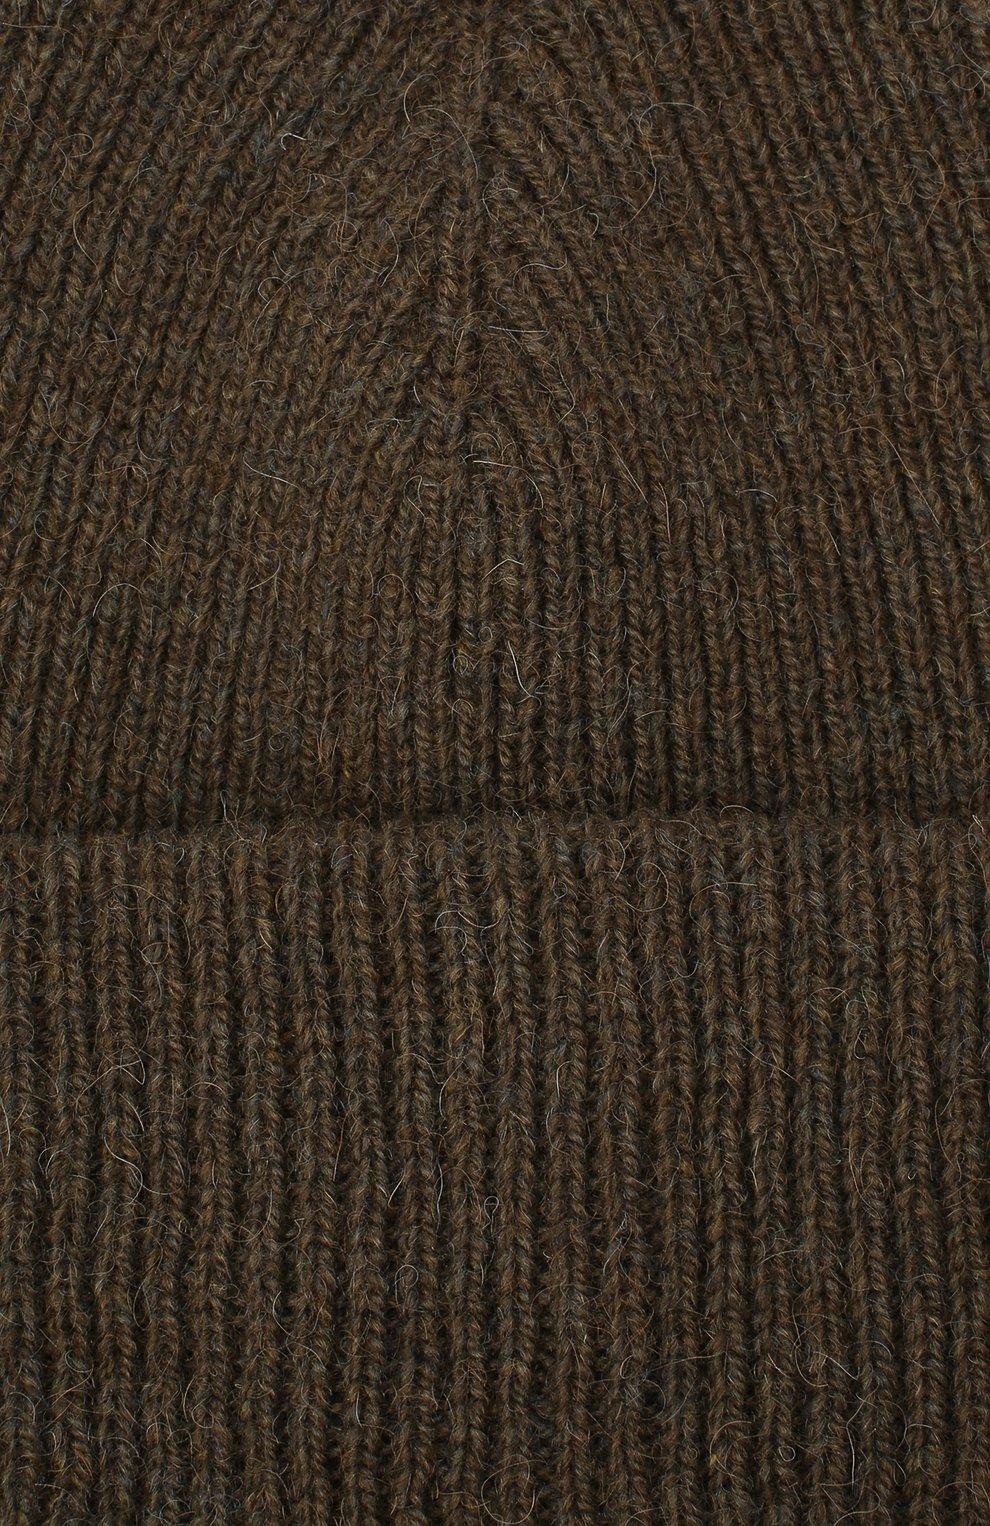 Мужская шерстяная шапка INVERNI хаки цвета, арт. 4997CM | Фото 3